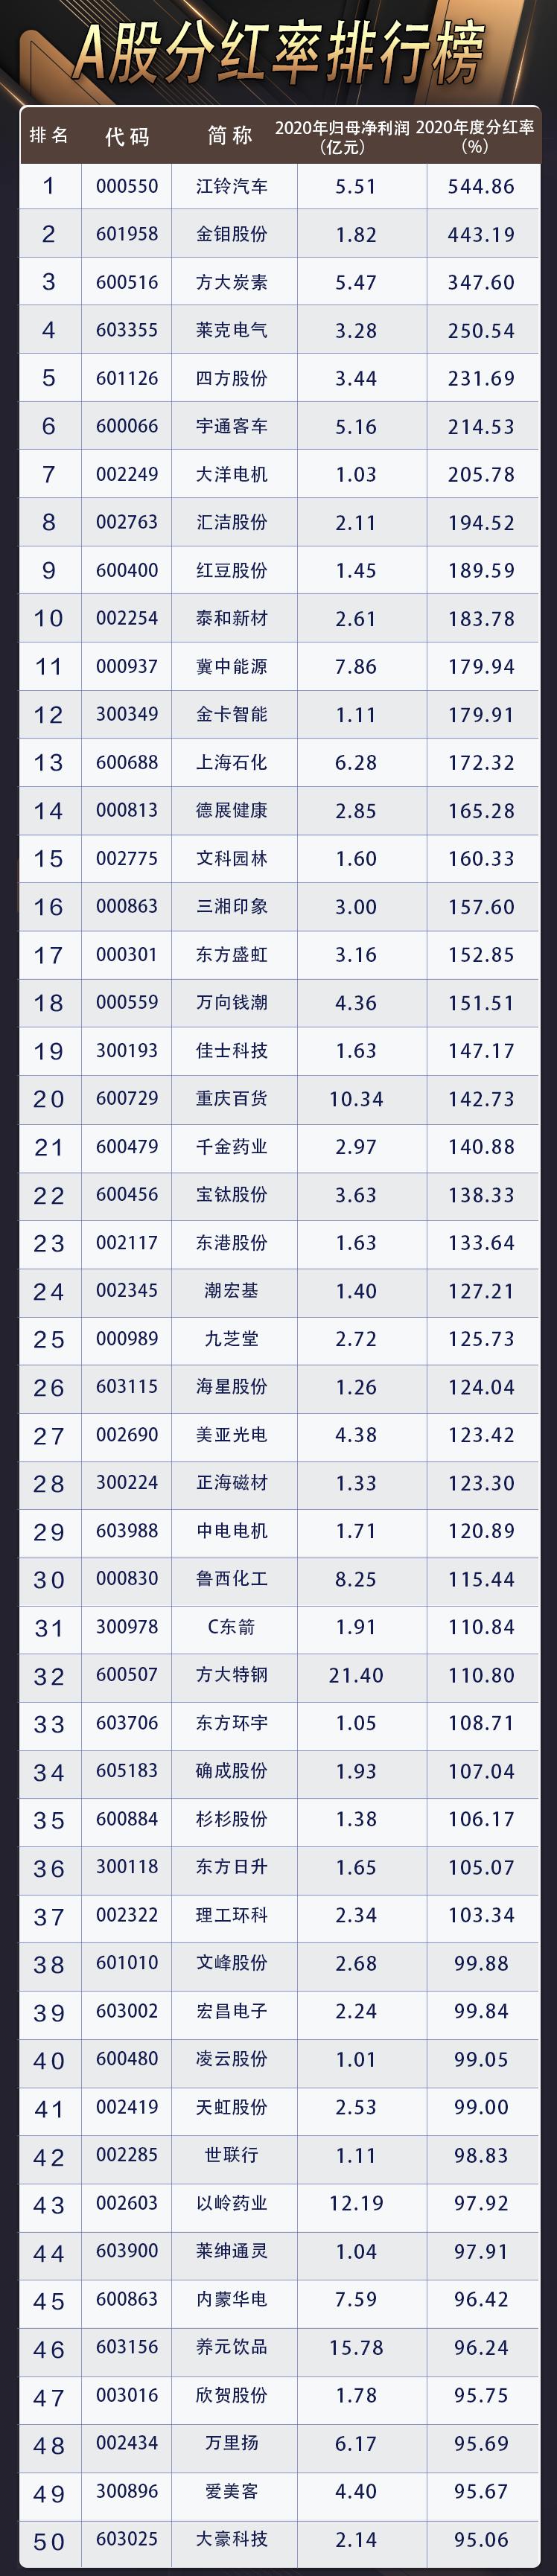 企业网站建设方案_A股分红榜:50强分红额跨越99.9%上市公司市值 最壕公司撒近千亿红包雨插图1